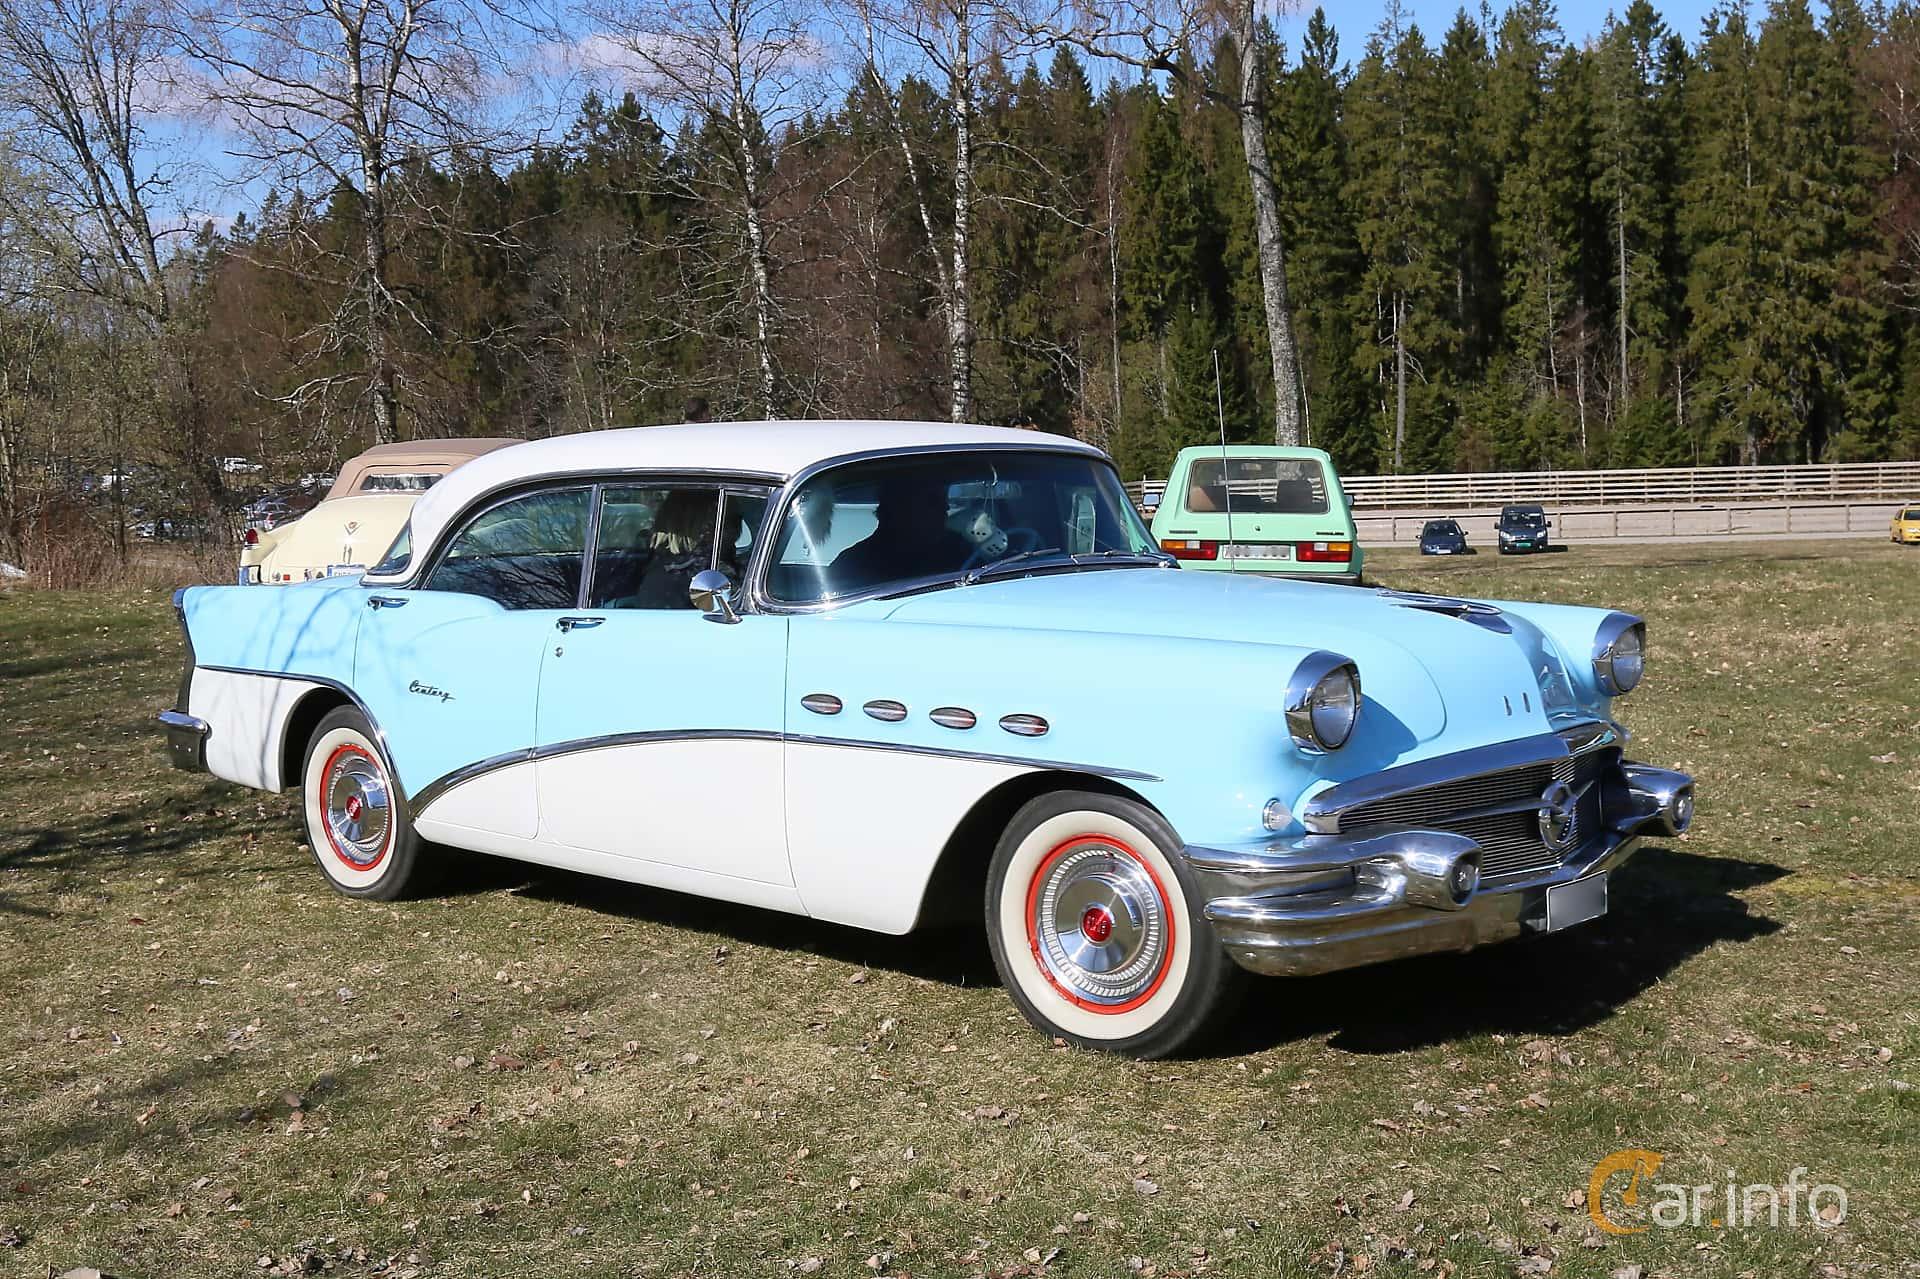 Buick Century 4-door Riviera 5.3 V8 Automatic, 259hp, 1956 at Uddevalla Veteranbilsmarknad Backamo, Ljungsk 2019